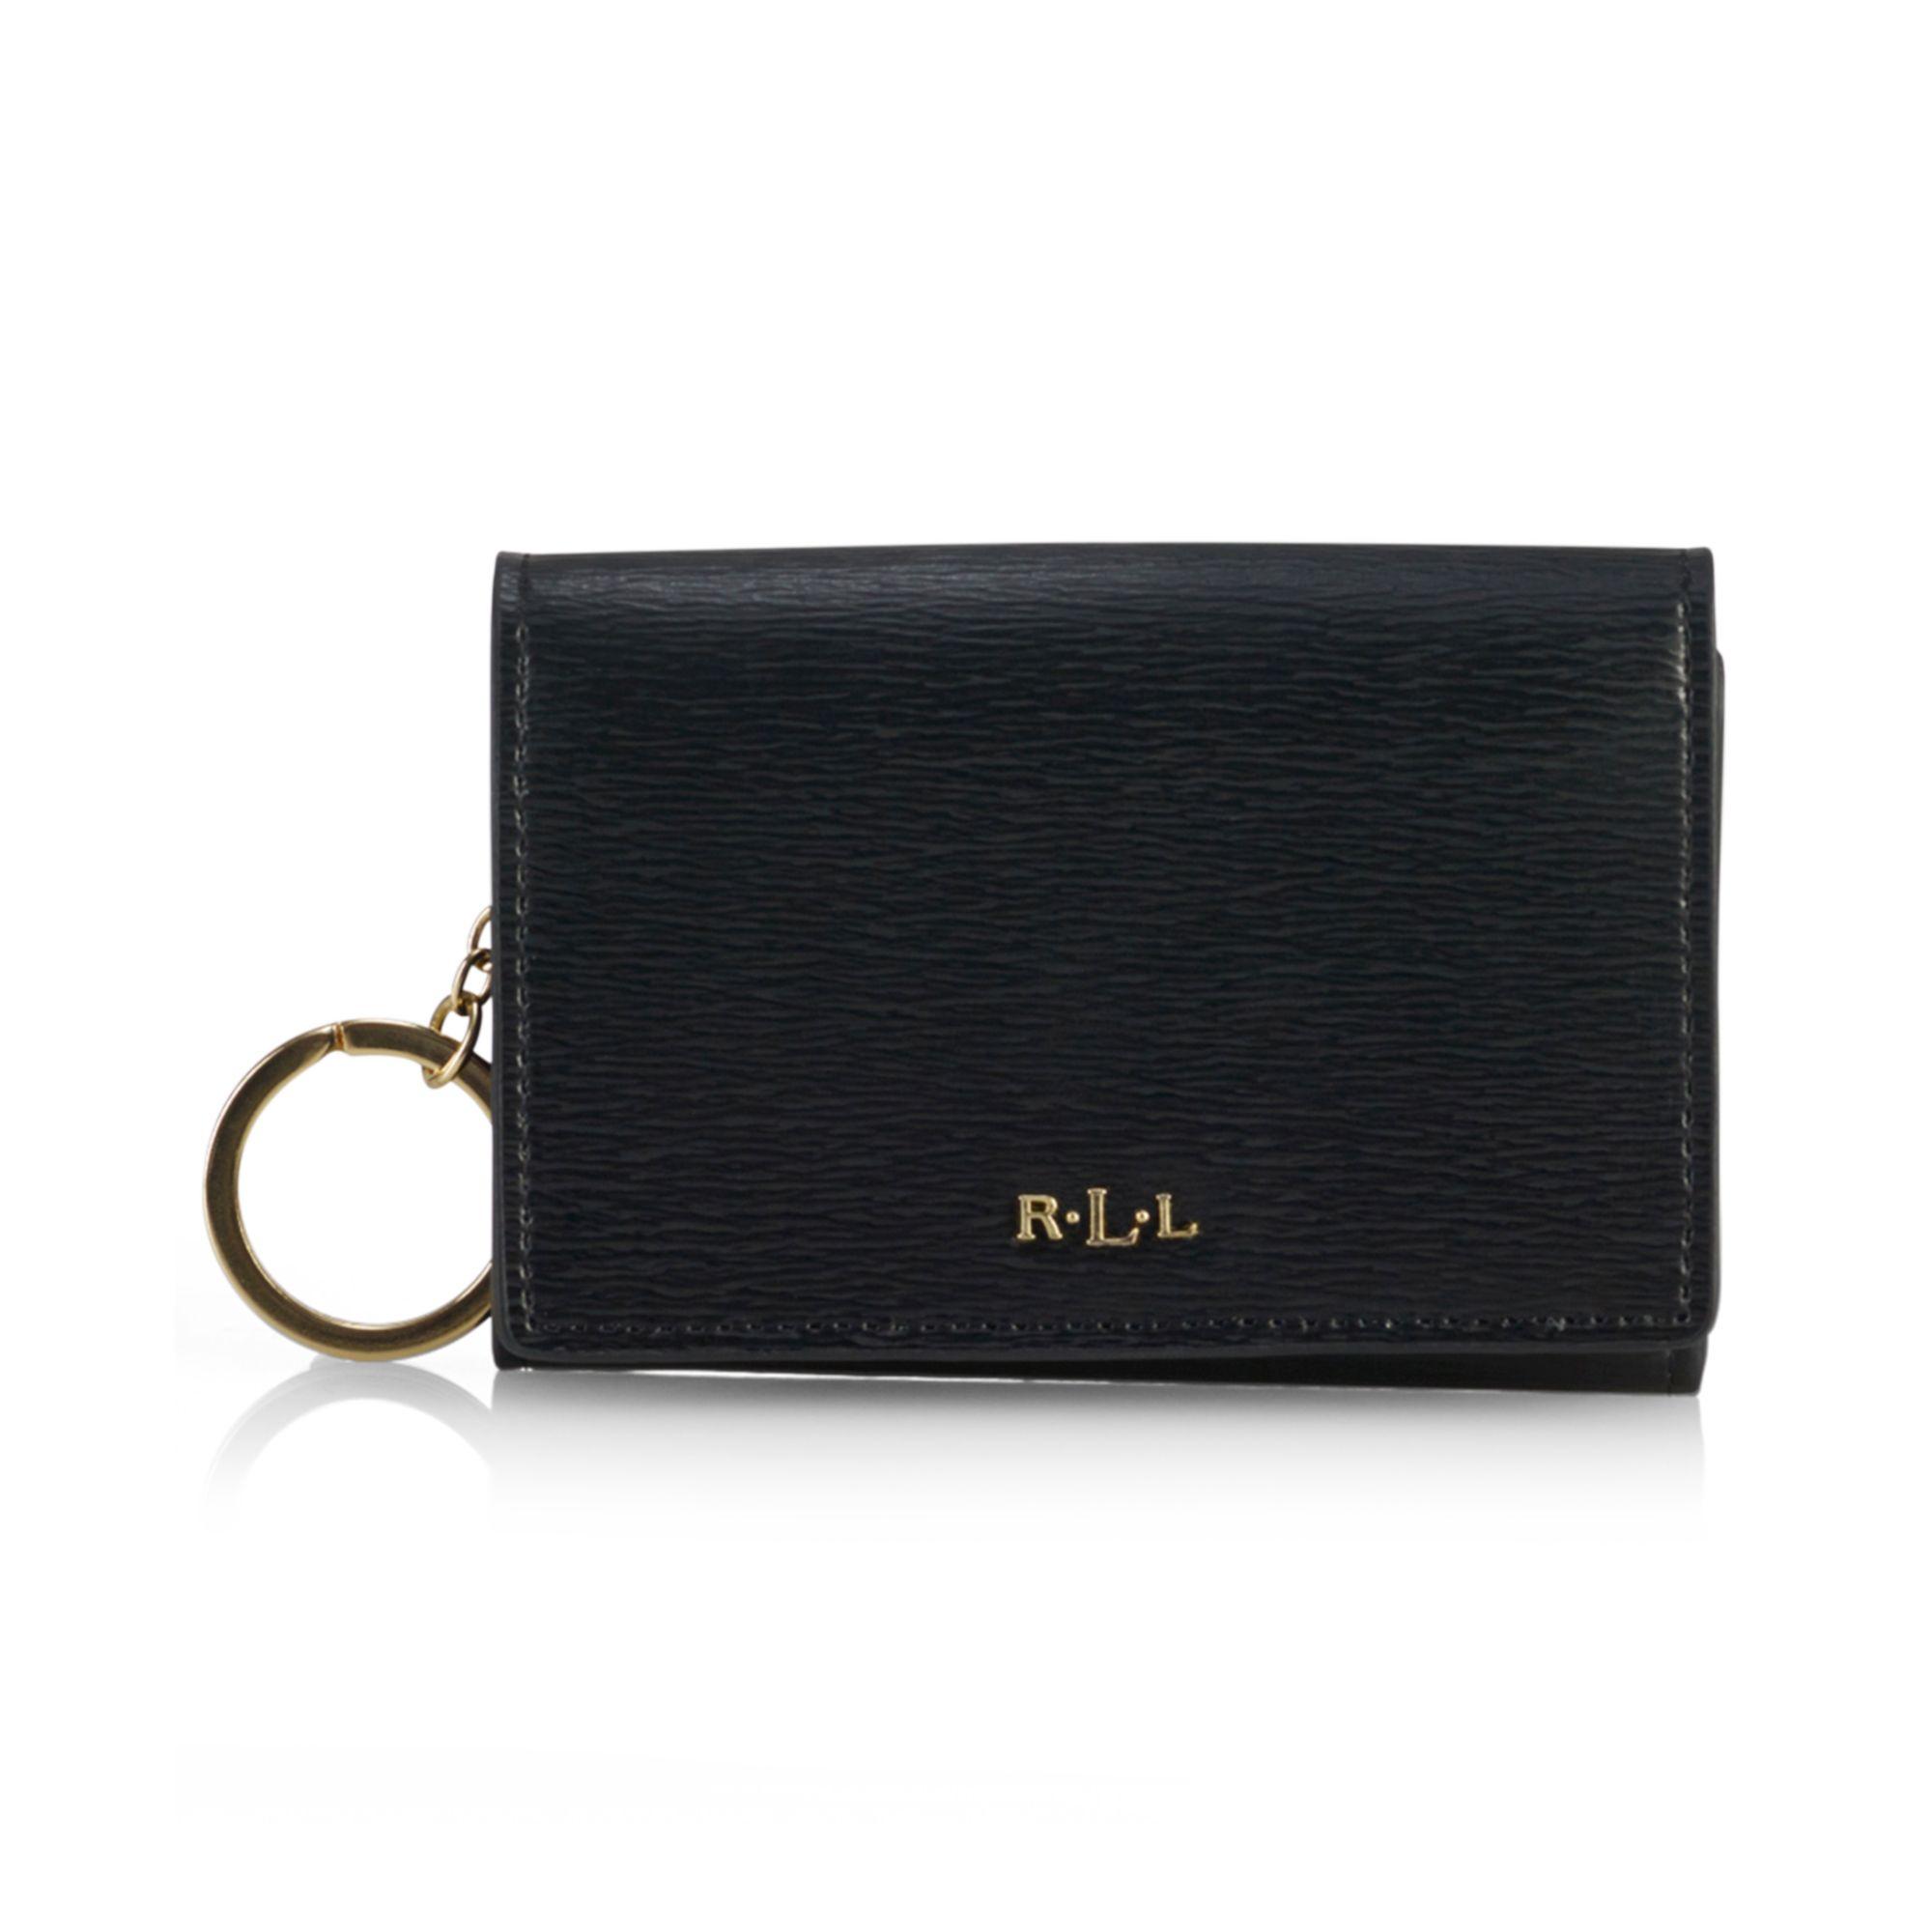 Lyst - Lauren by Ralph Lauren Tate Coin Purse in Black 55de393c29